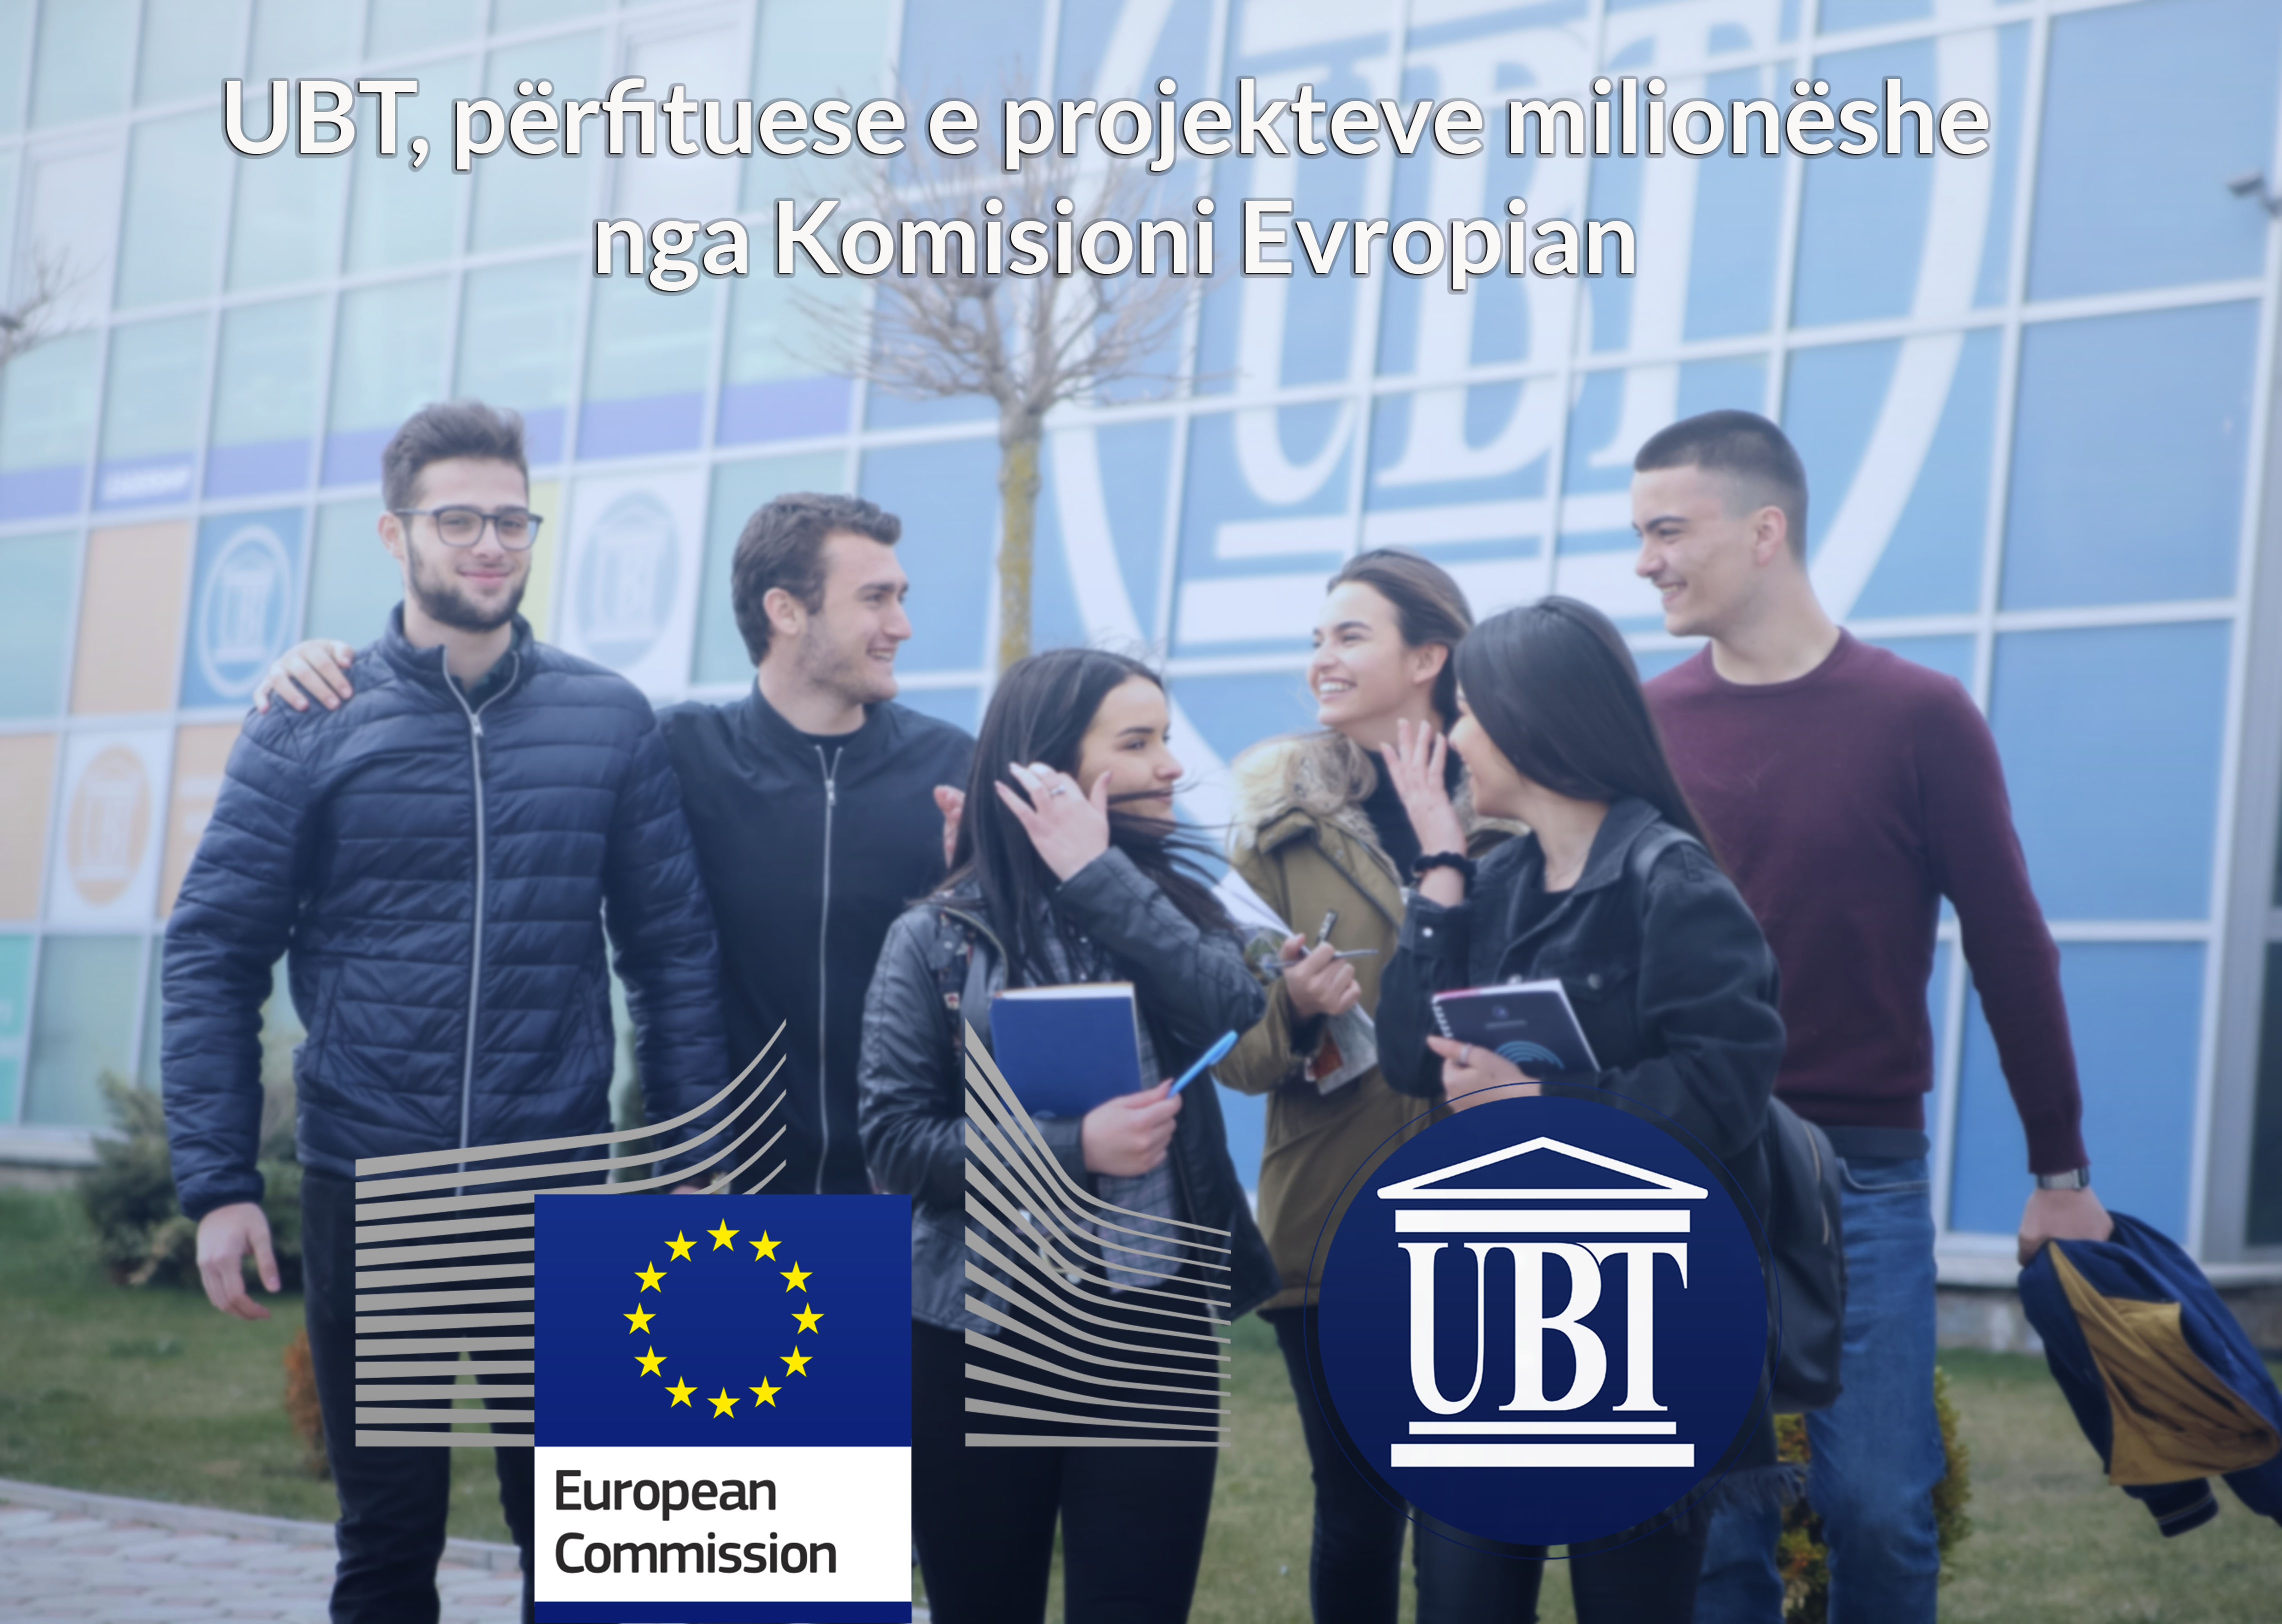 UBT, përfituese e projekteve milionëshe nga Komisioni Evropian